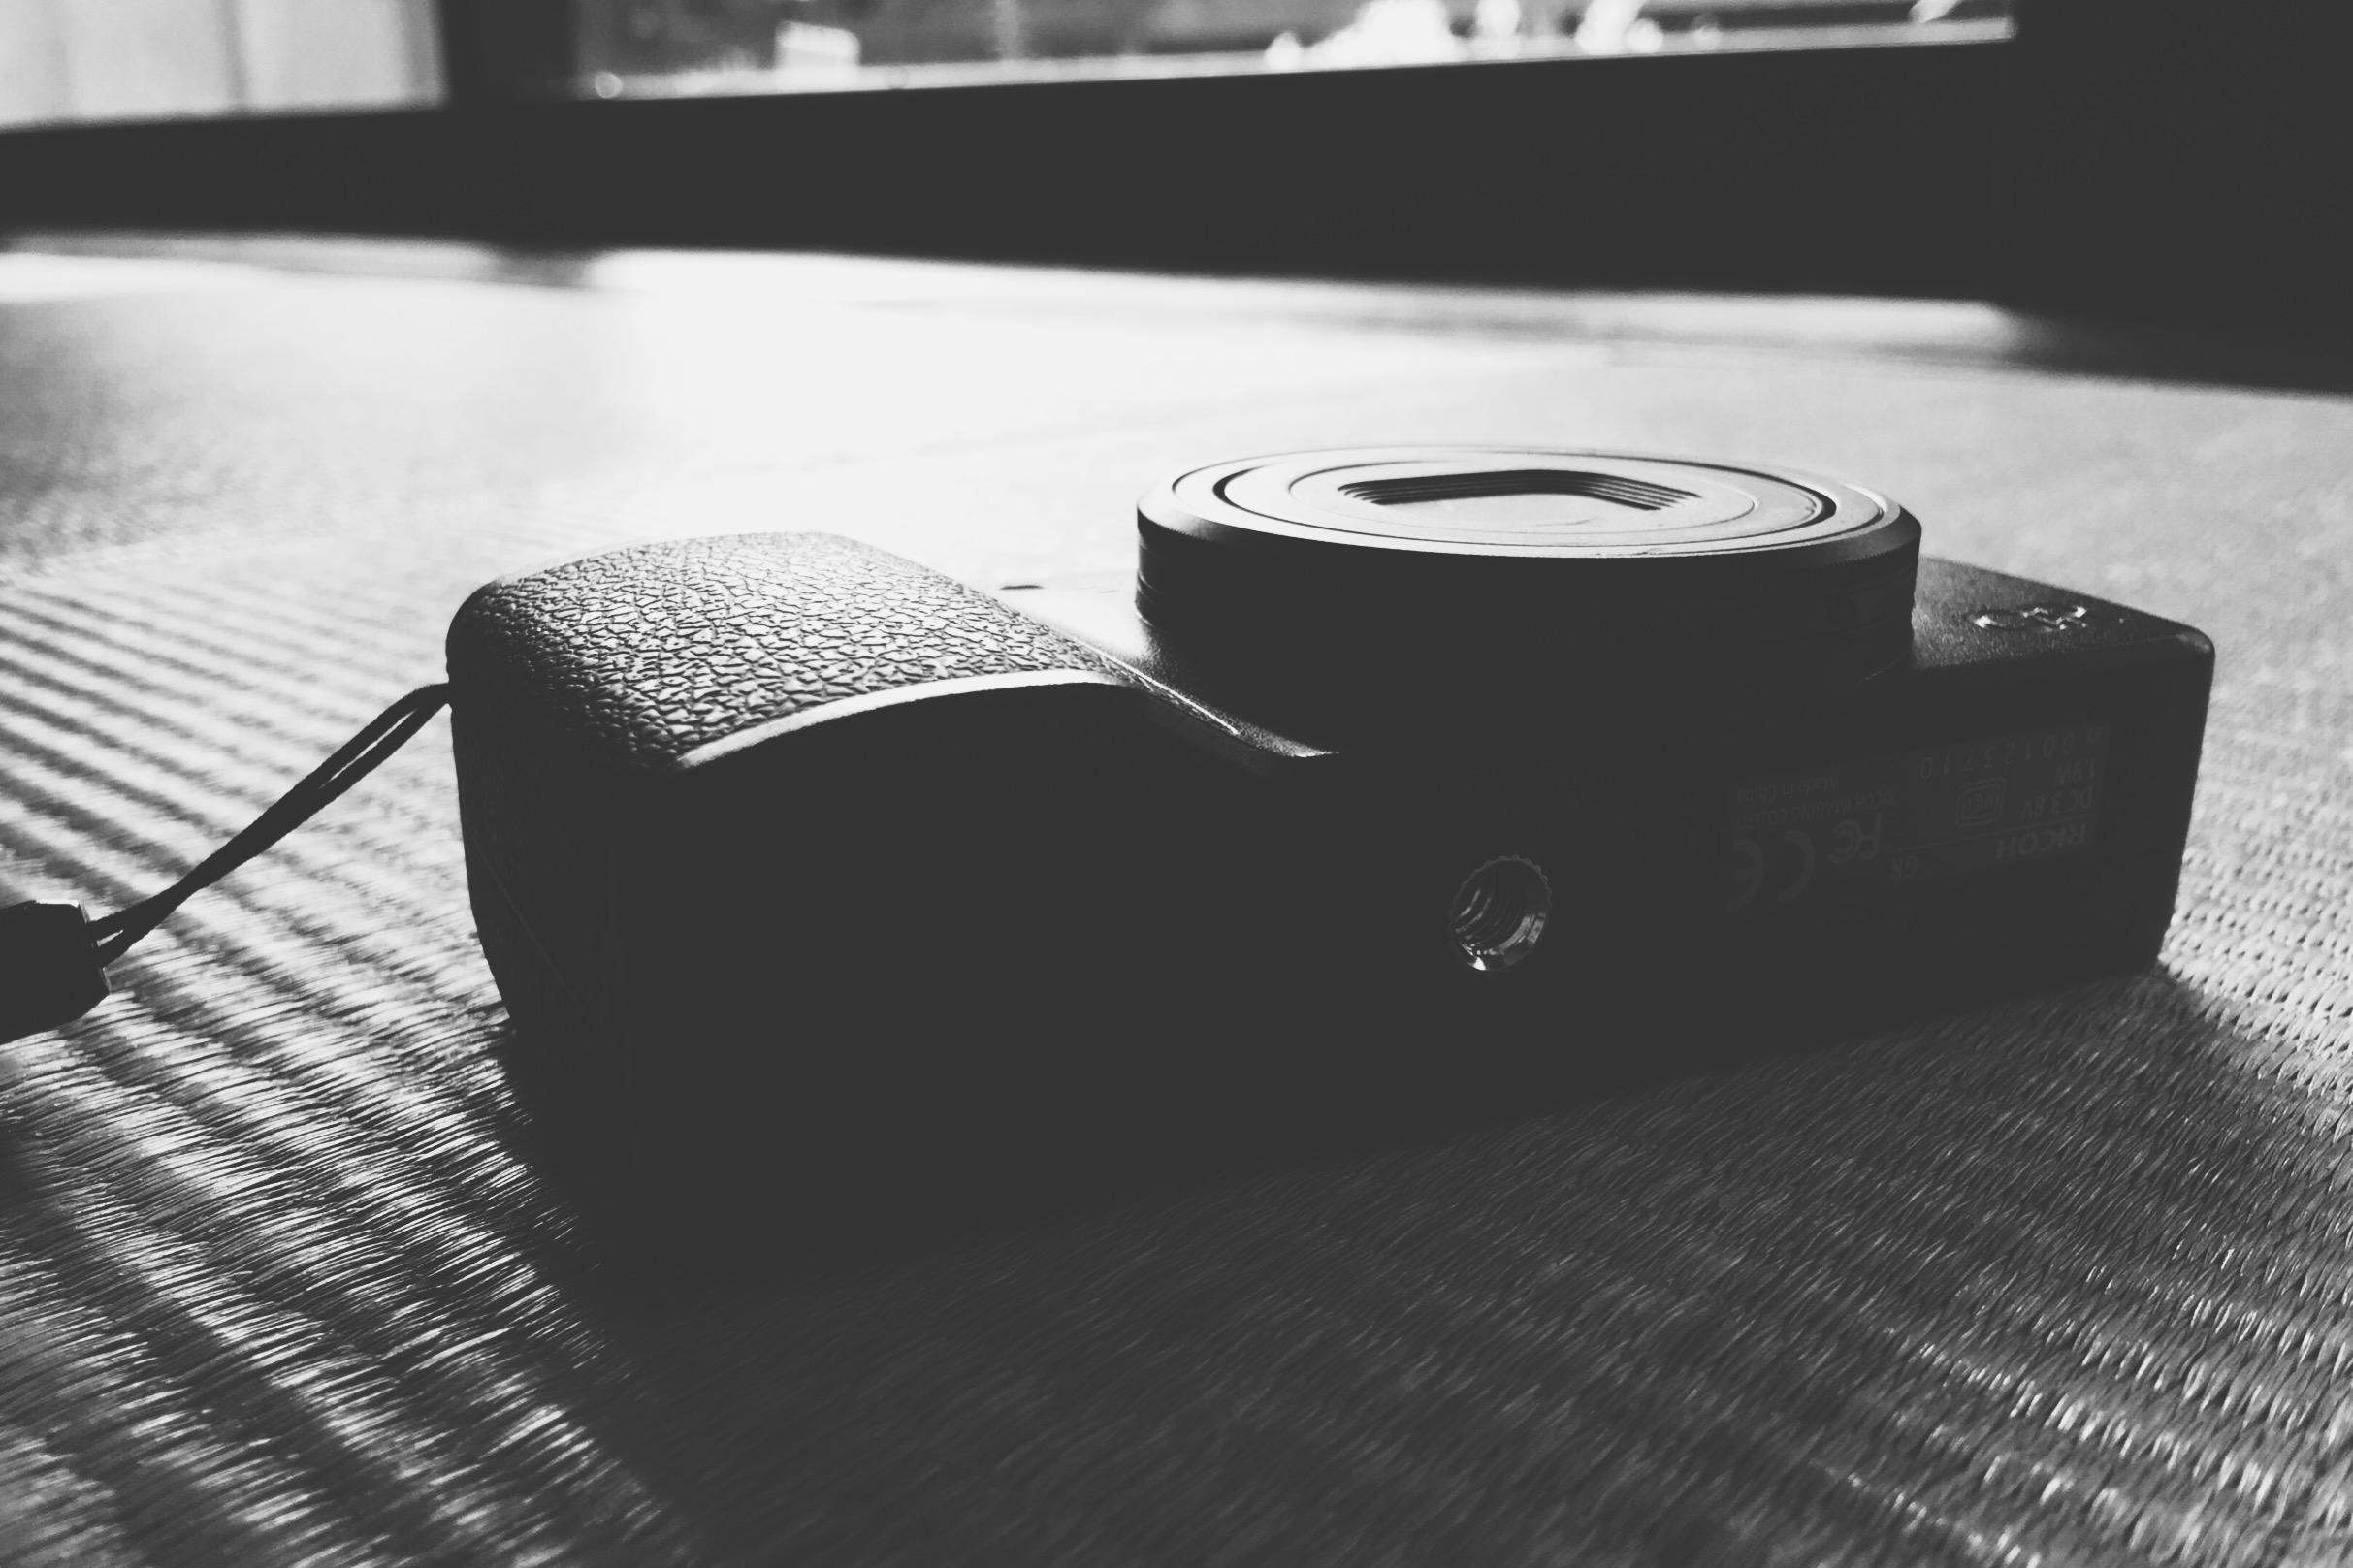 僕が唯一愛用しているカメラアプリが[VSCO]。